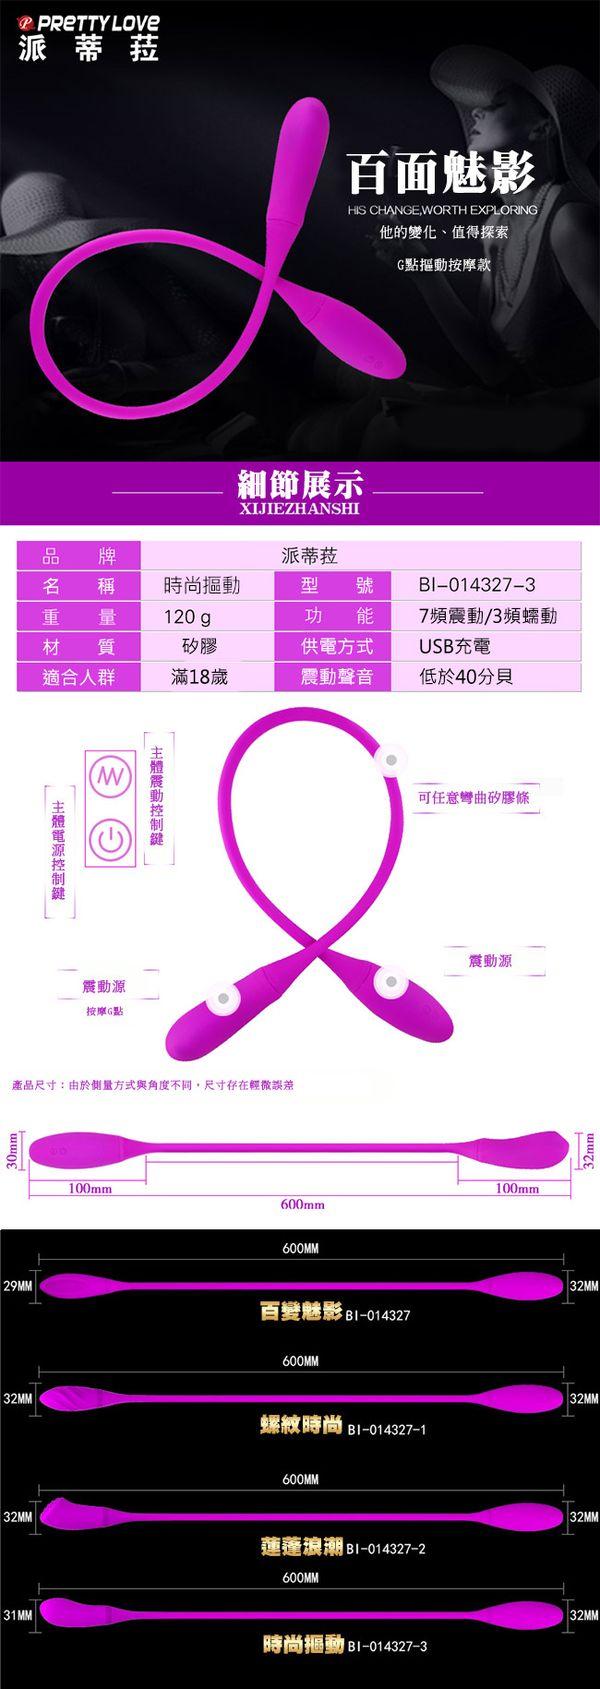 附圖2-Pretty Love.Snaky Vibe時尚摳動USB充電7段變頻雙馬達前後可用震動按摩器